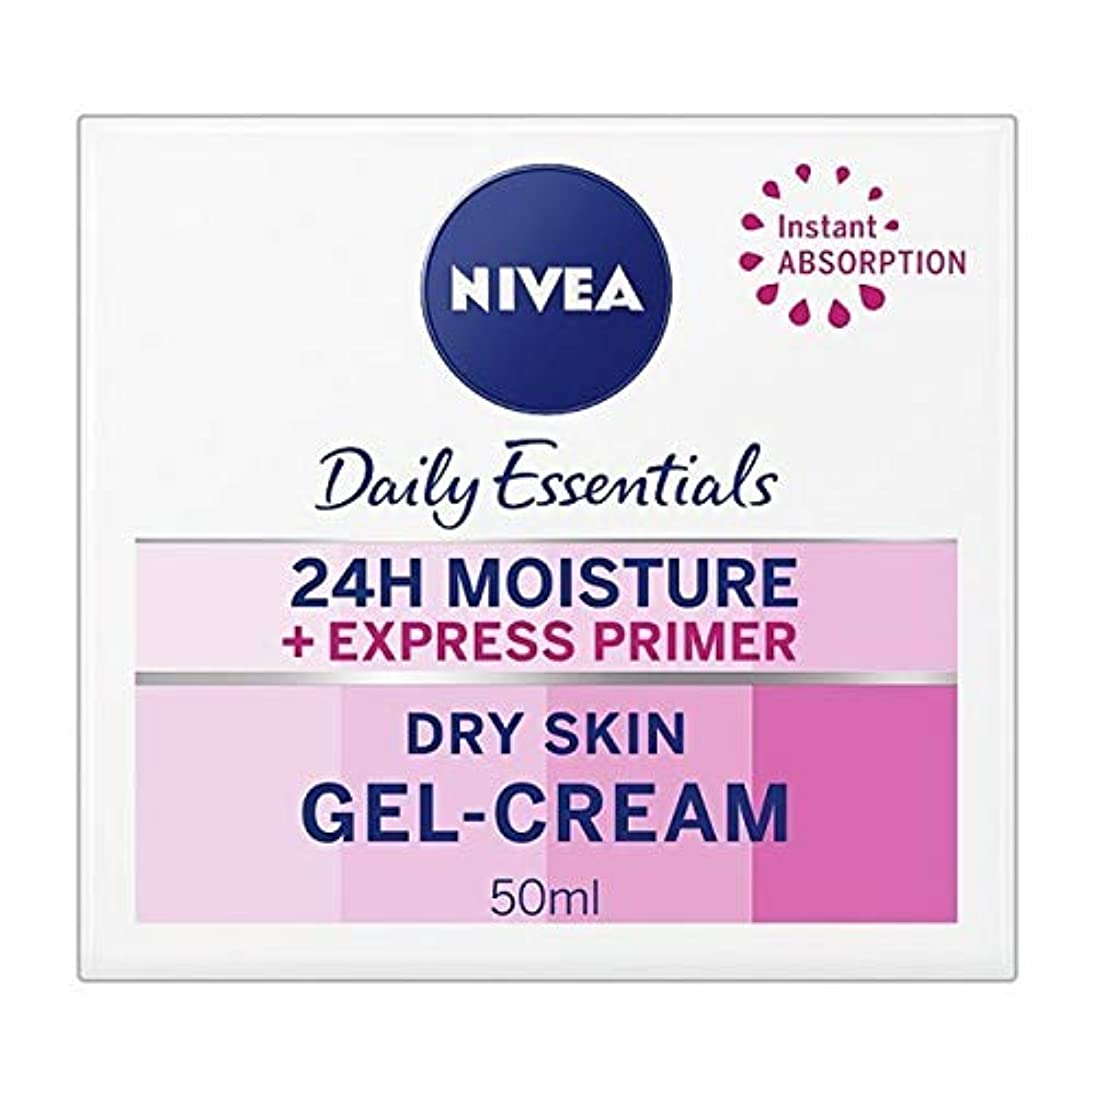 満足できるインデックスモニカ[Nivea ] ニベアエクスプレスプライマーゲルクリーム、50ミリリットル - NIVEA Express Primer Gel-Cream, 50ml [並行輸入品]